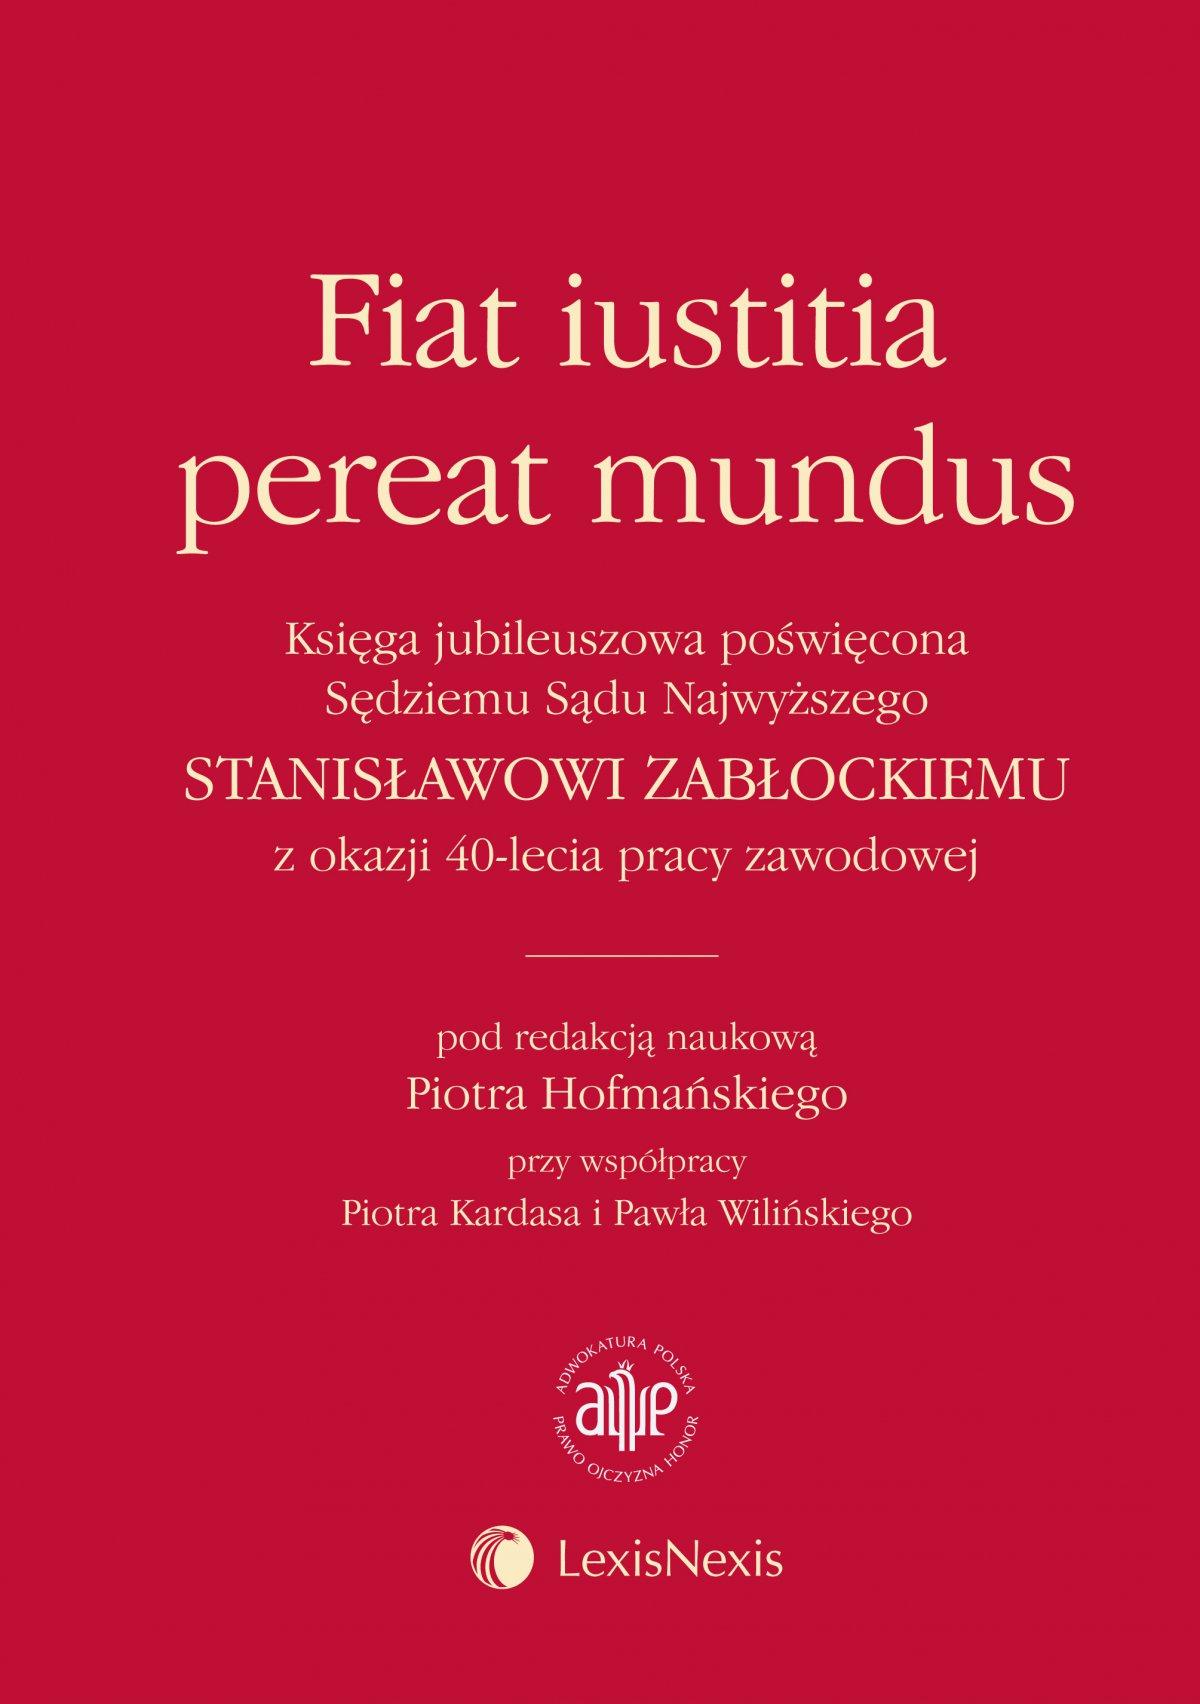 Fiat iustitia pereat mundus. Księga jubileuszowa poświęcona Sędziemu Sądu Najwyższego Stanisławowi Zabłockiemu z okazji 40-lecia pracy zawodowej. Wydanie 1 - Ebook (Książka EPUB) do pobrania w formacie EPUB